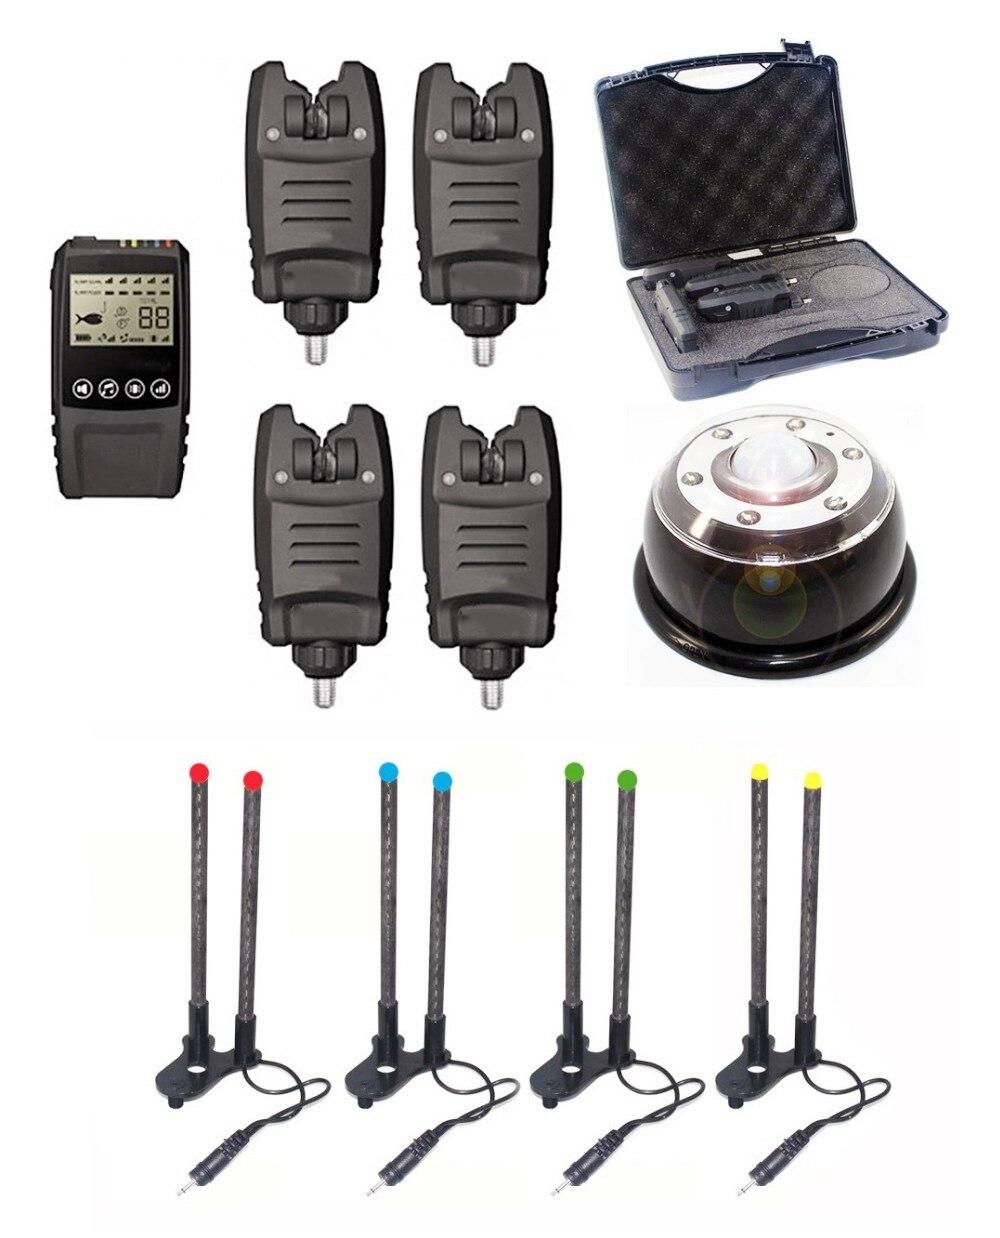 Vieille carpe 1 + 4 Galaxy BL alarme de morsure de canne à pêche sans fil multi-LED avec oreilles et lumière de tente pour la pêche à la carpe